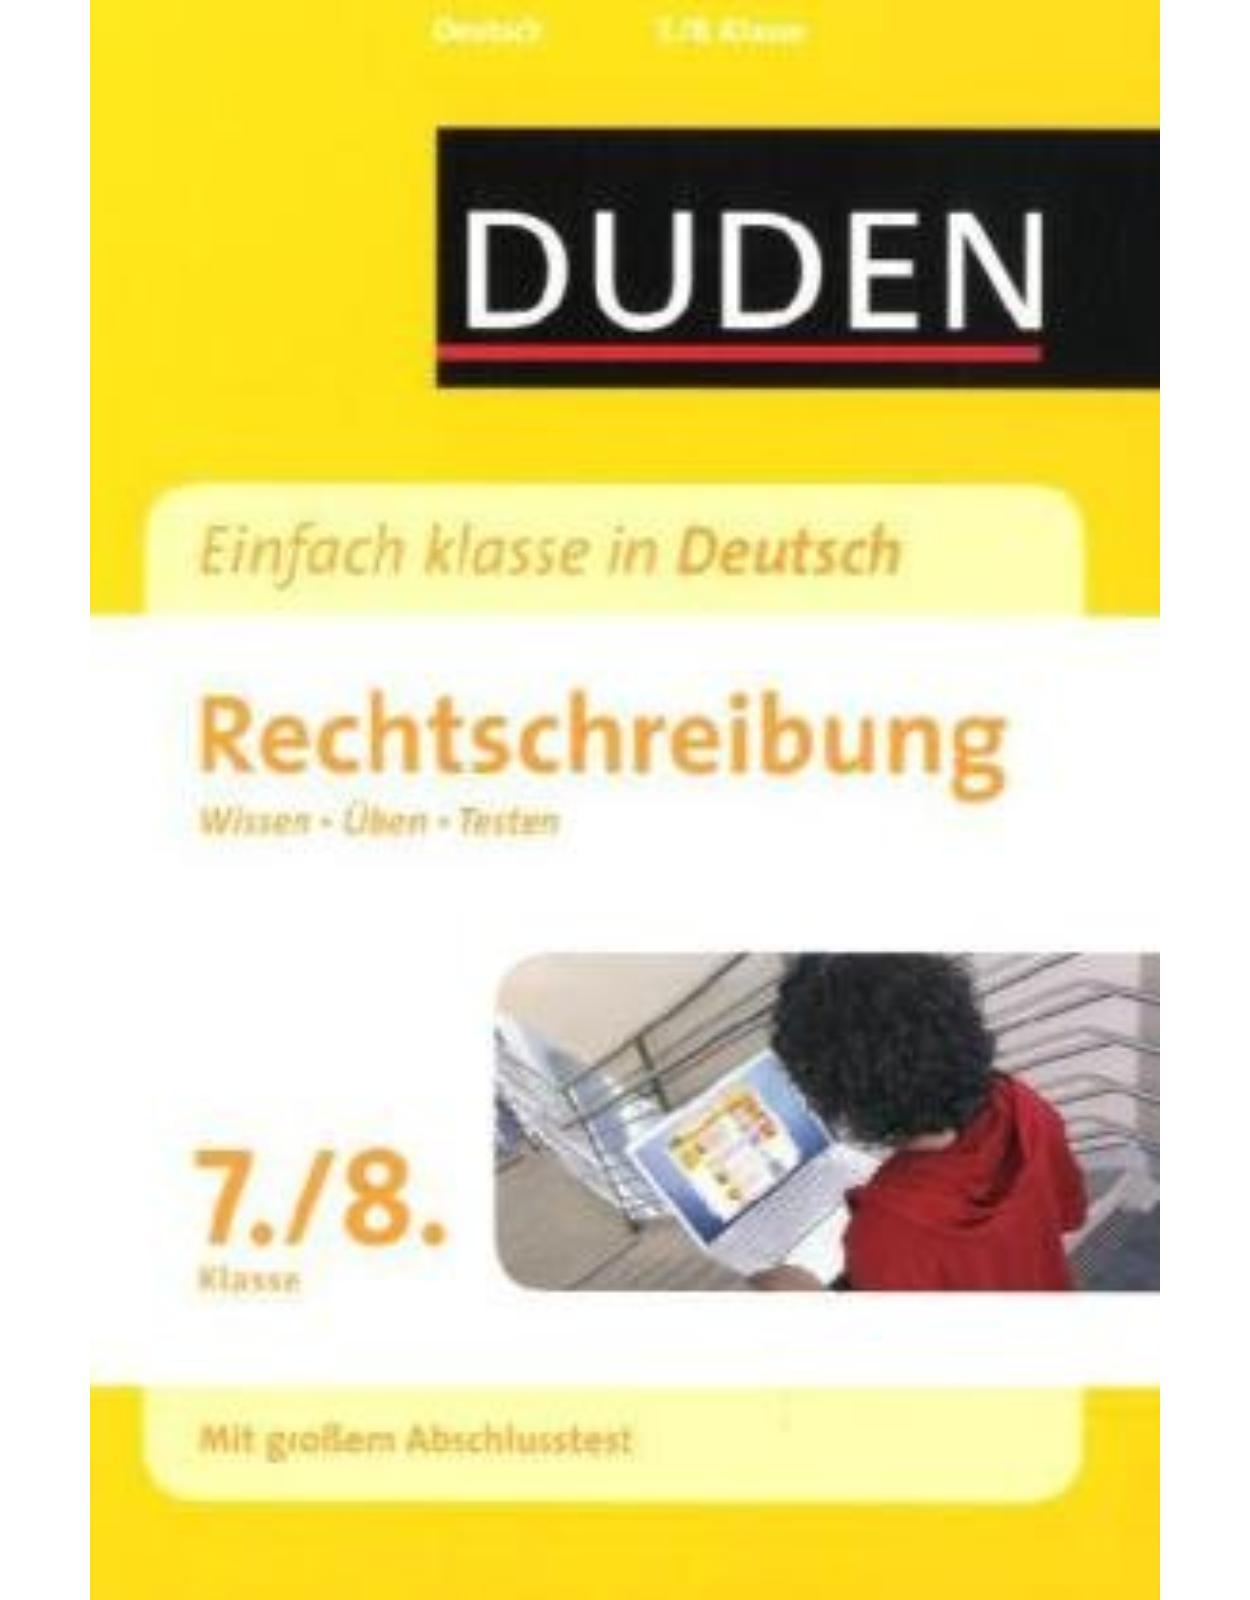 Duden - Einfach klasse in Deutsch. Rechtschreibung 7./8. Klasse: Wissen - Üben - Testen